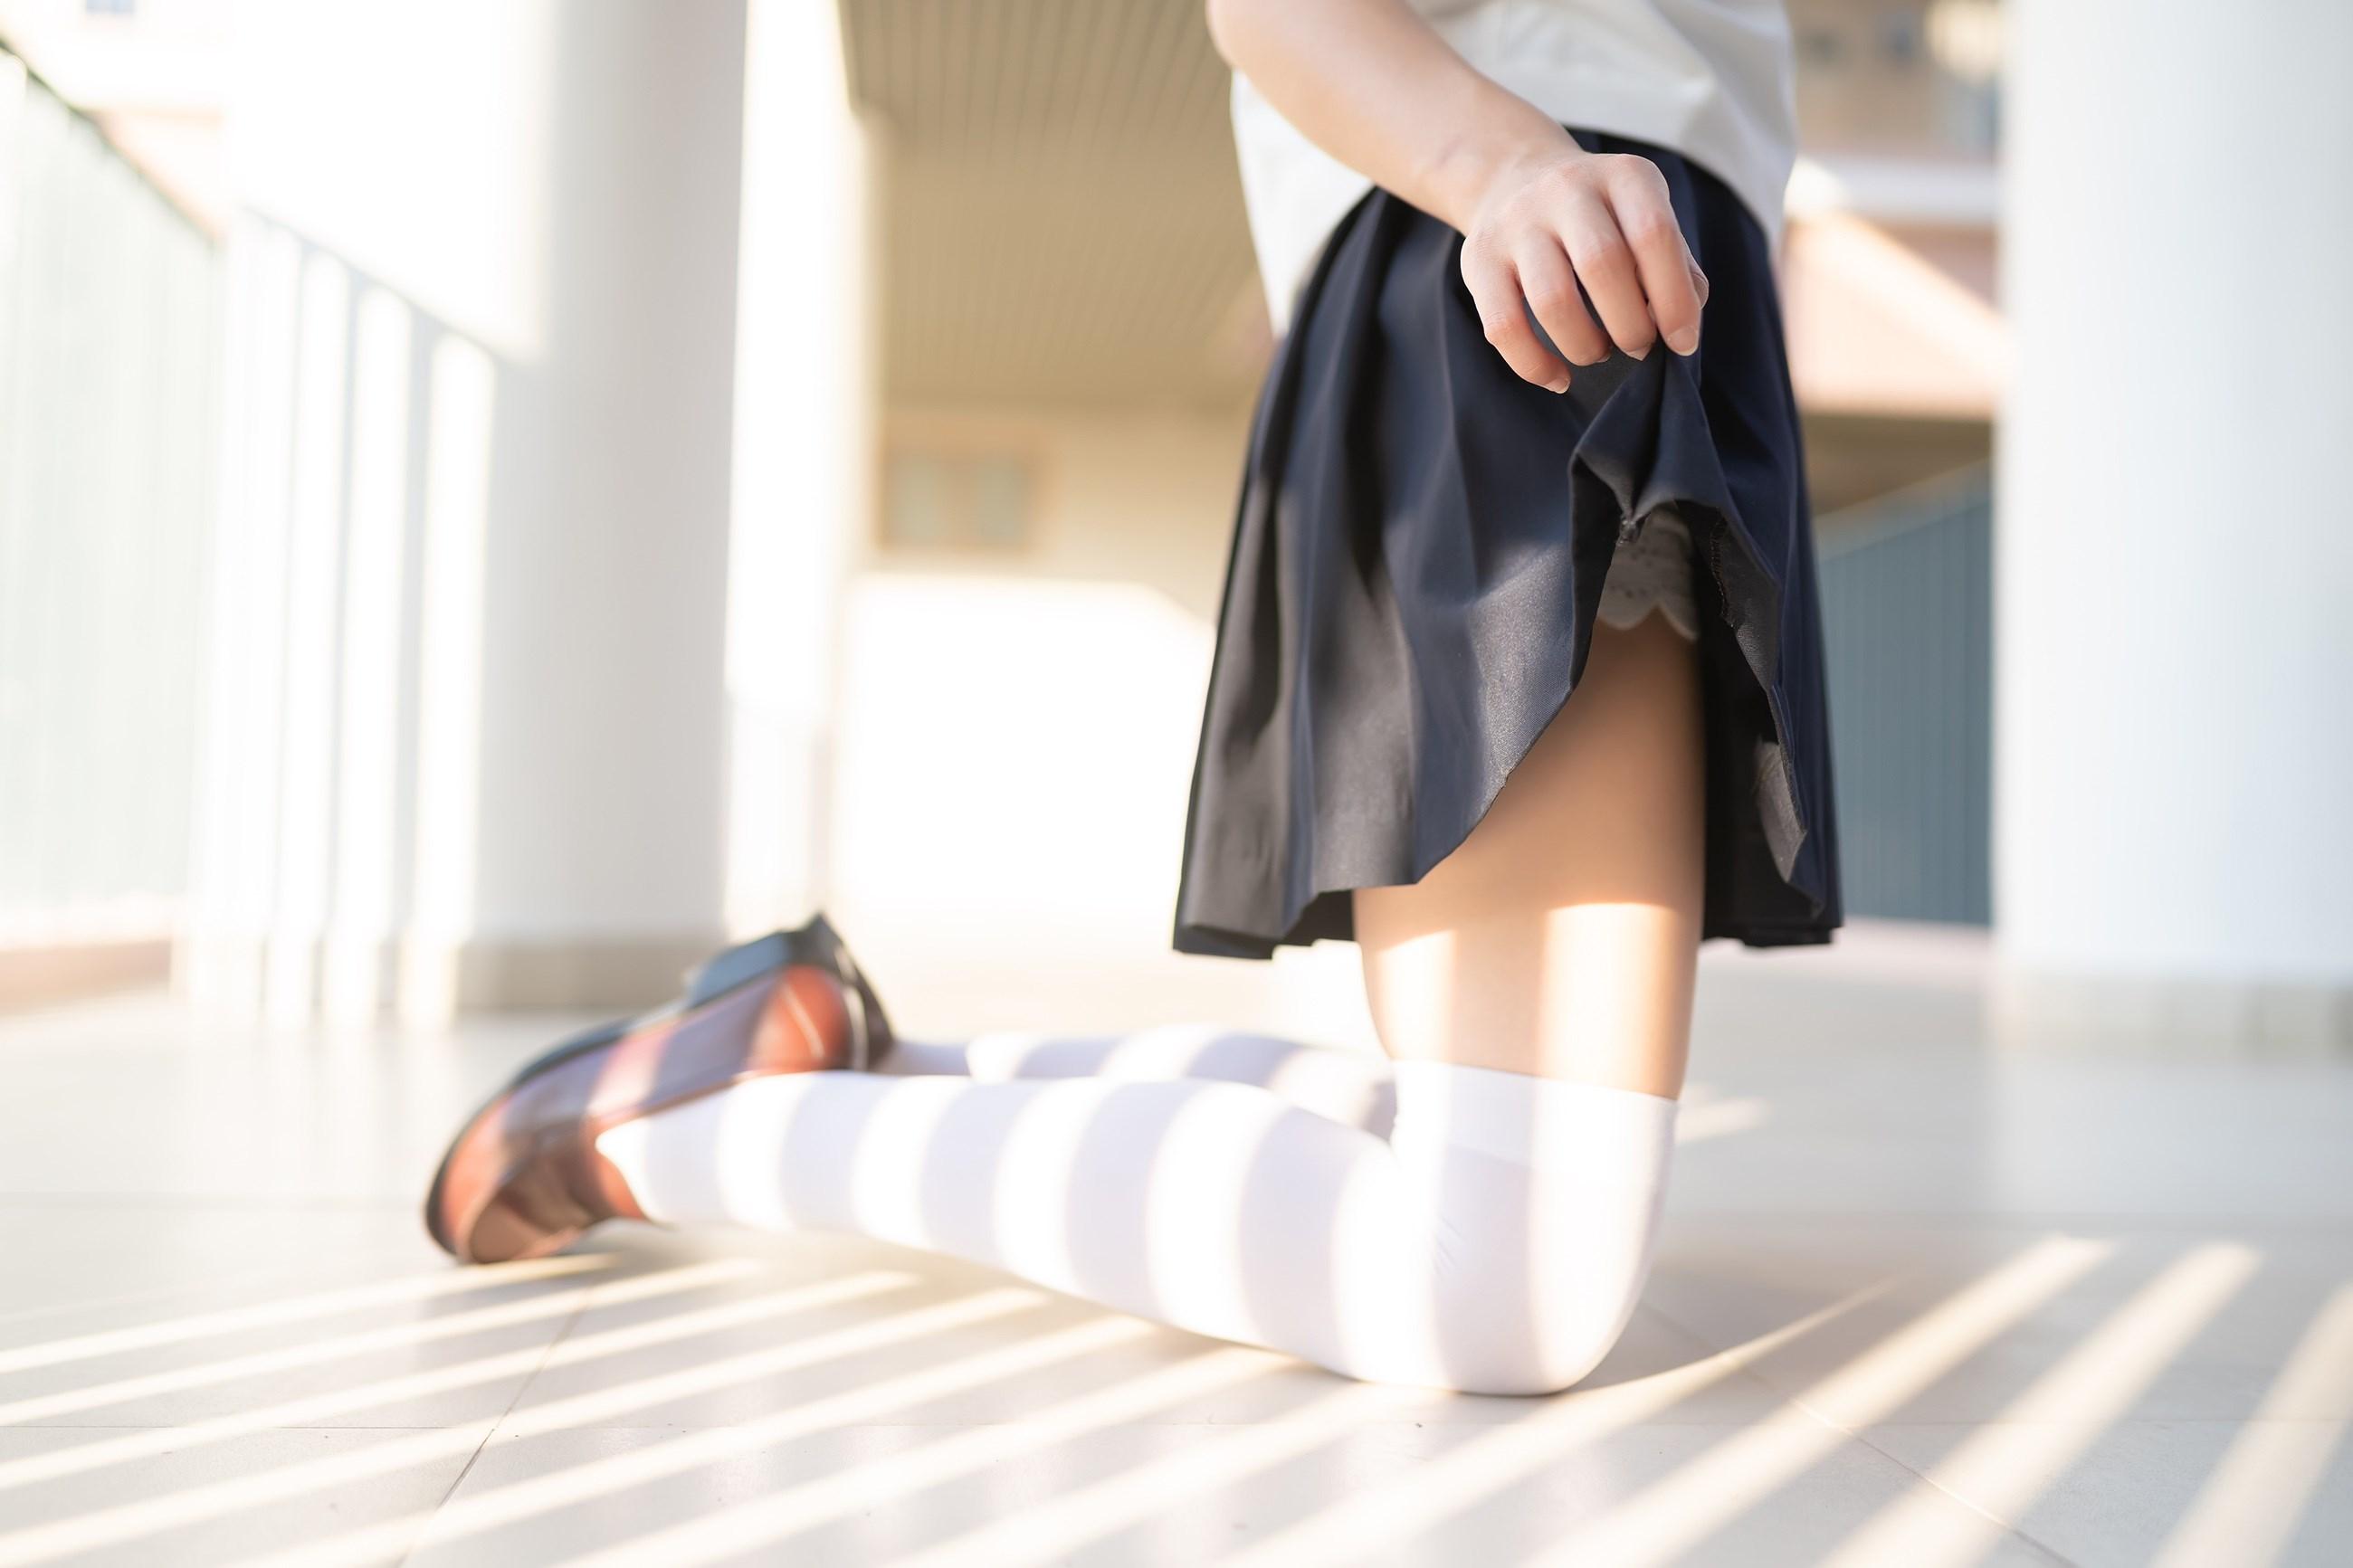 【兔玩映画】楼梯上的白丝少女 兔玩映画 第41张